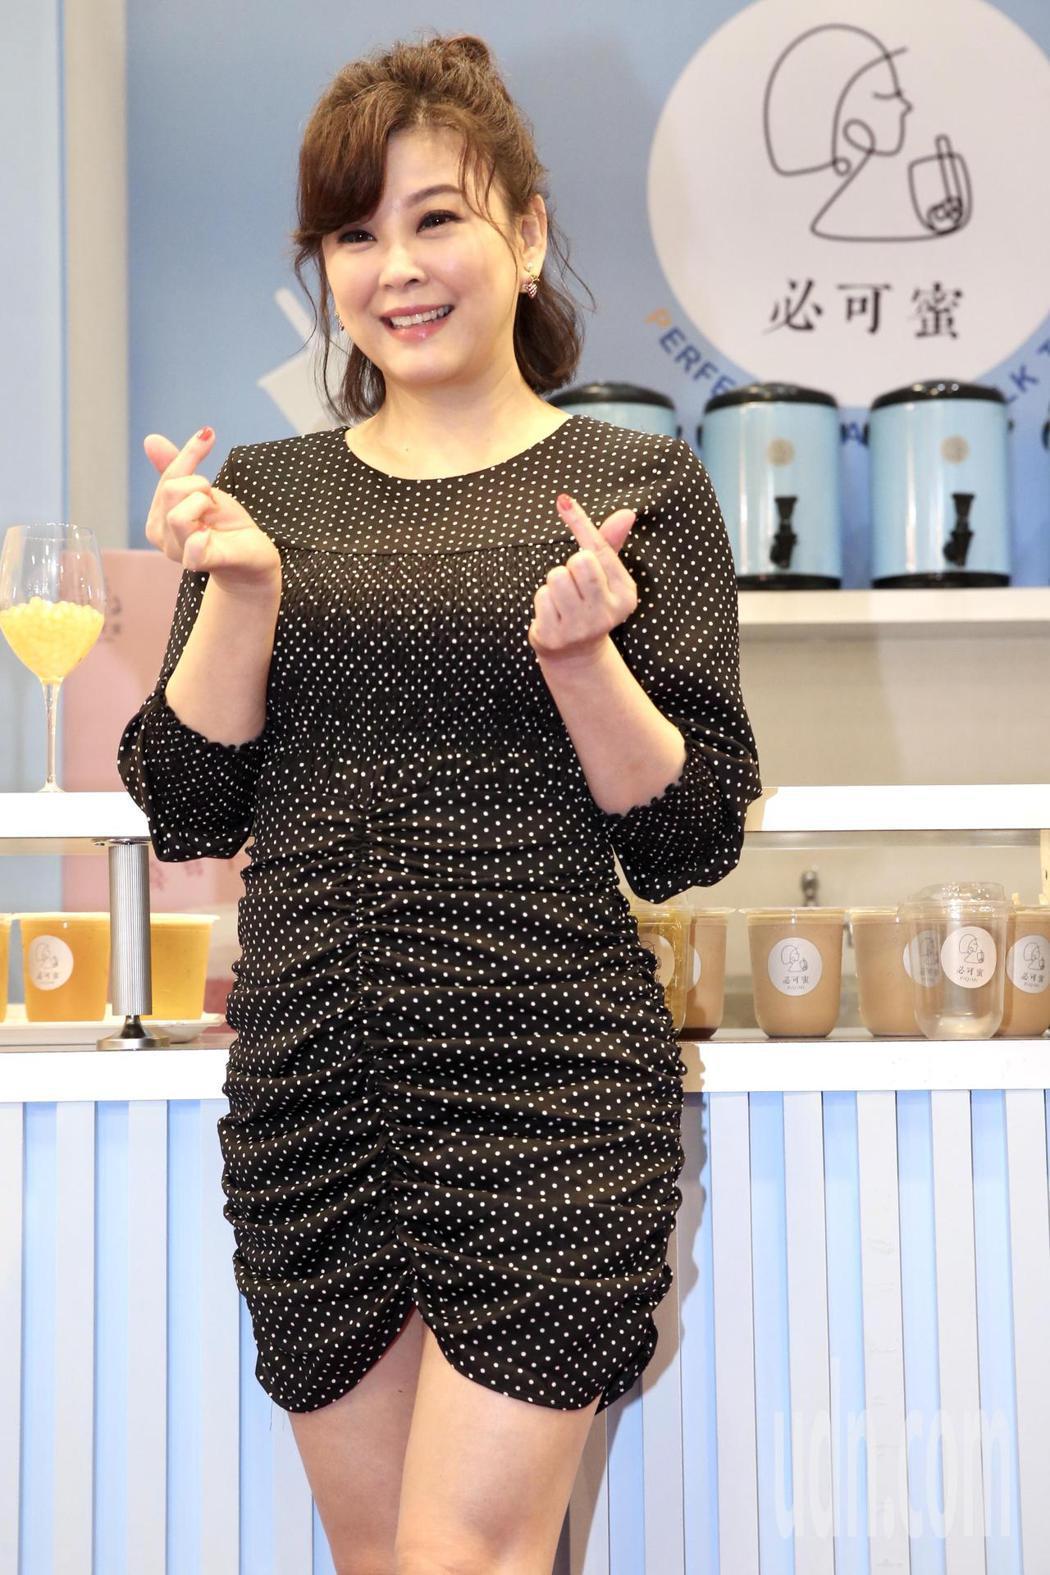 藝人簡沛恩手搖品牌參加加盟展,閨蜜方馨站台。記者林俊良/攝影